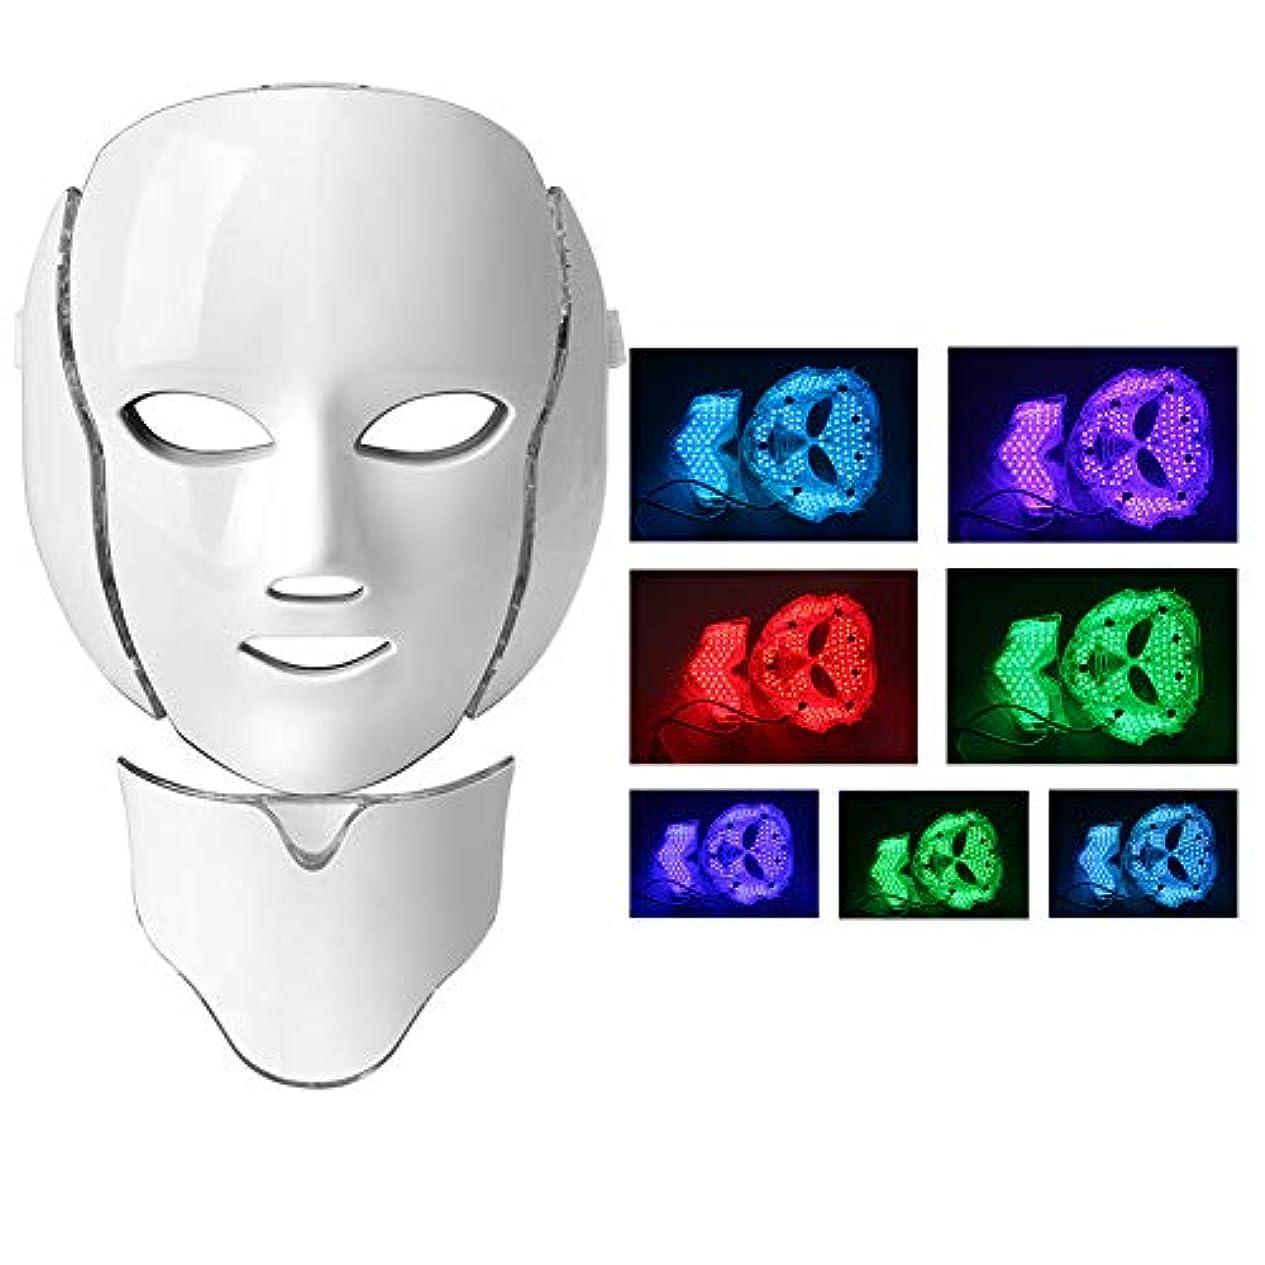 推論ガスぬるい光療法フェイスマスク、光子療法7色のにきび治療Led光子マスク顔スキンケア抗老化キット